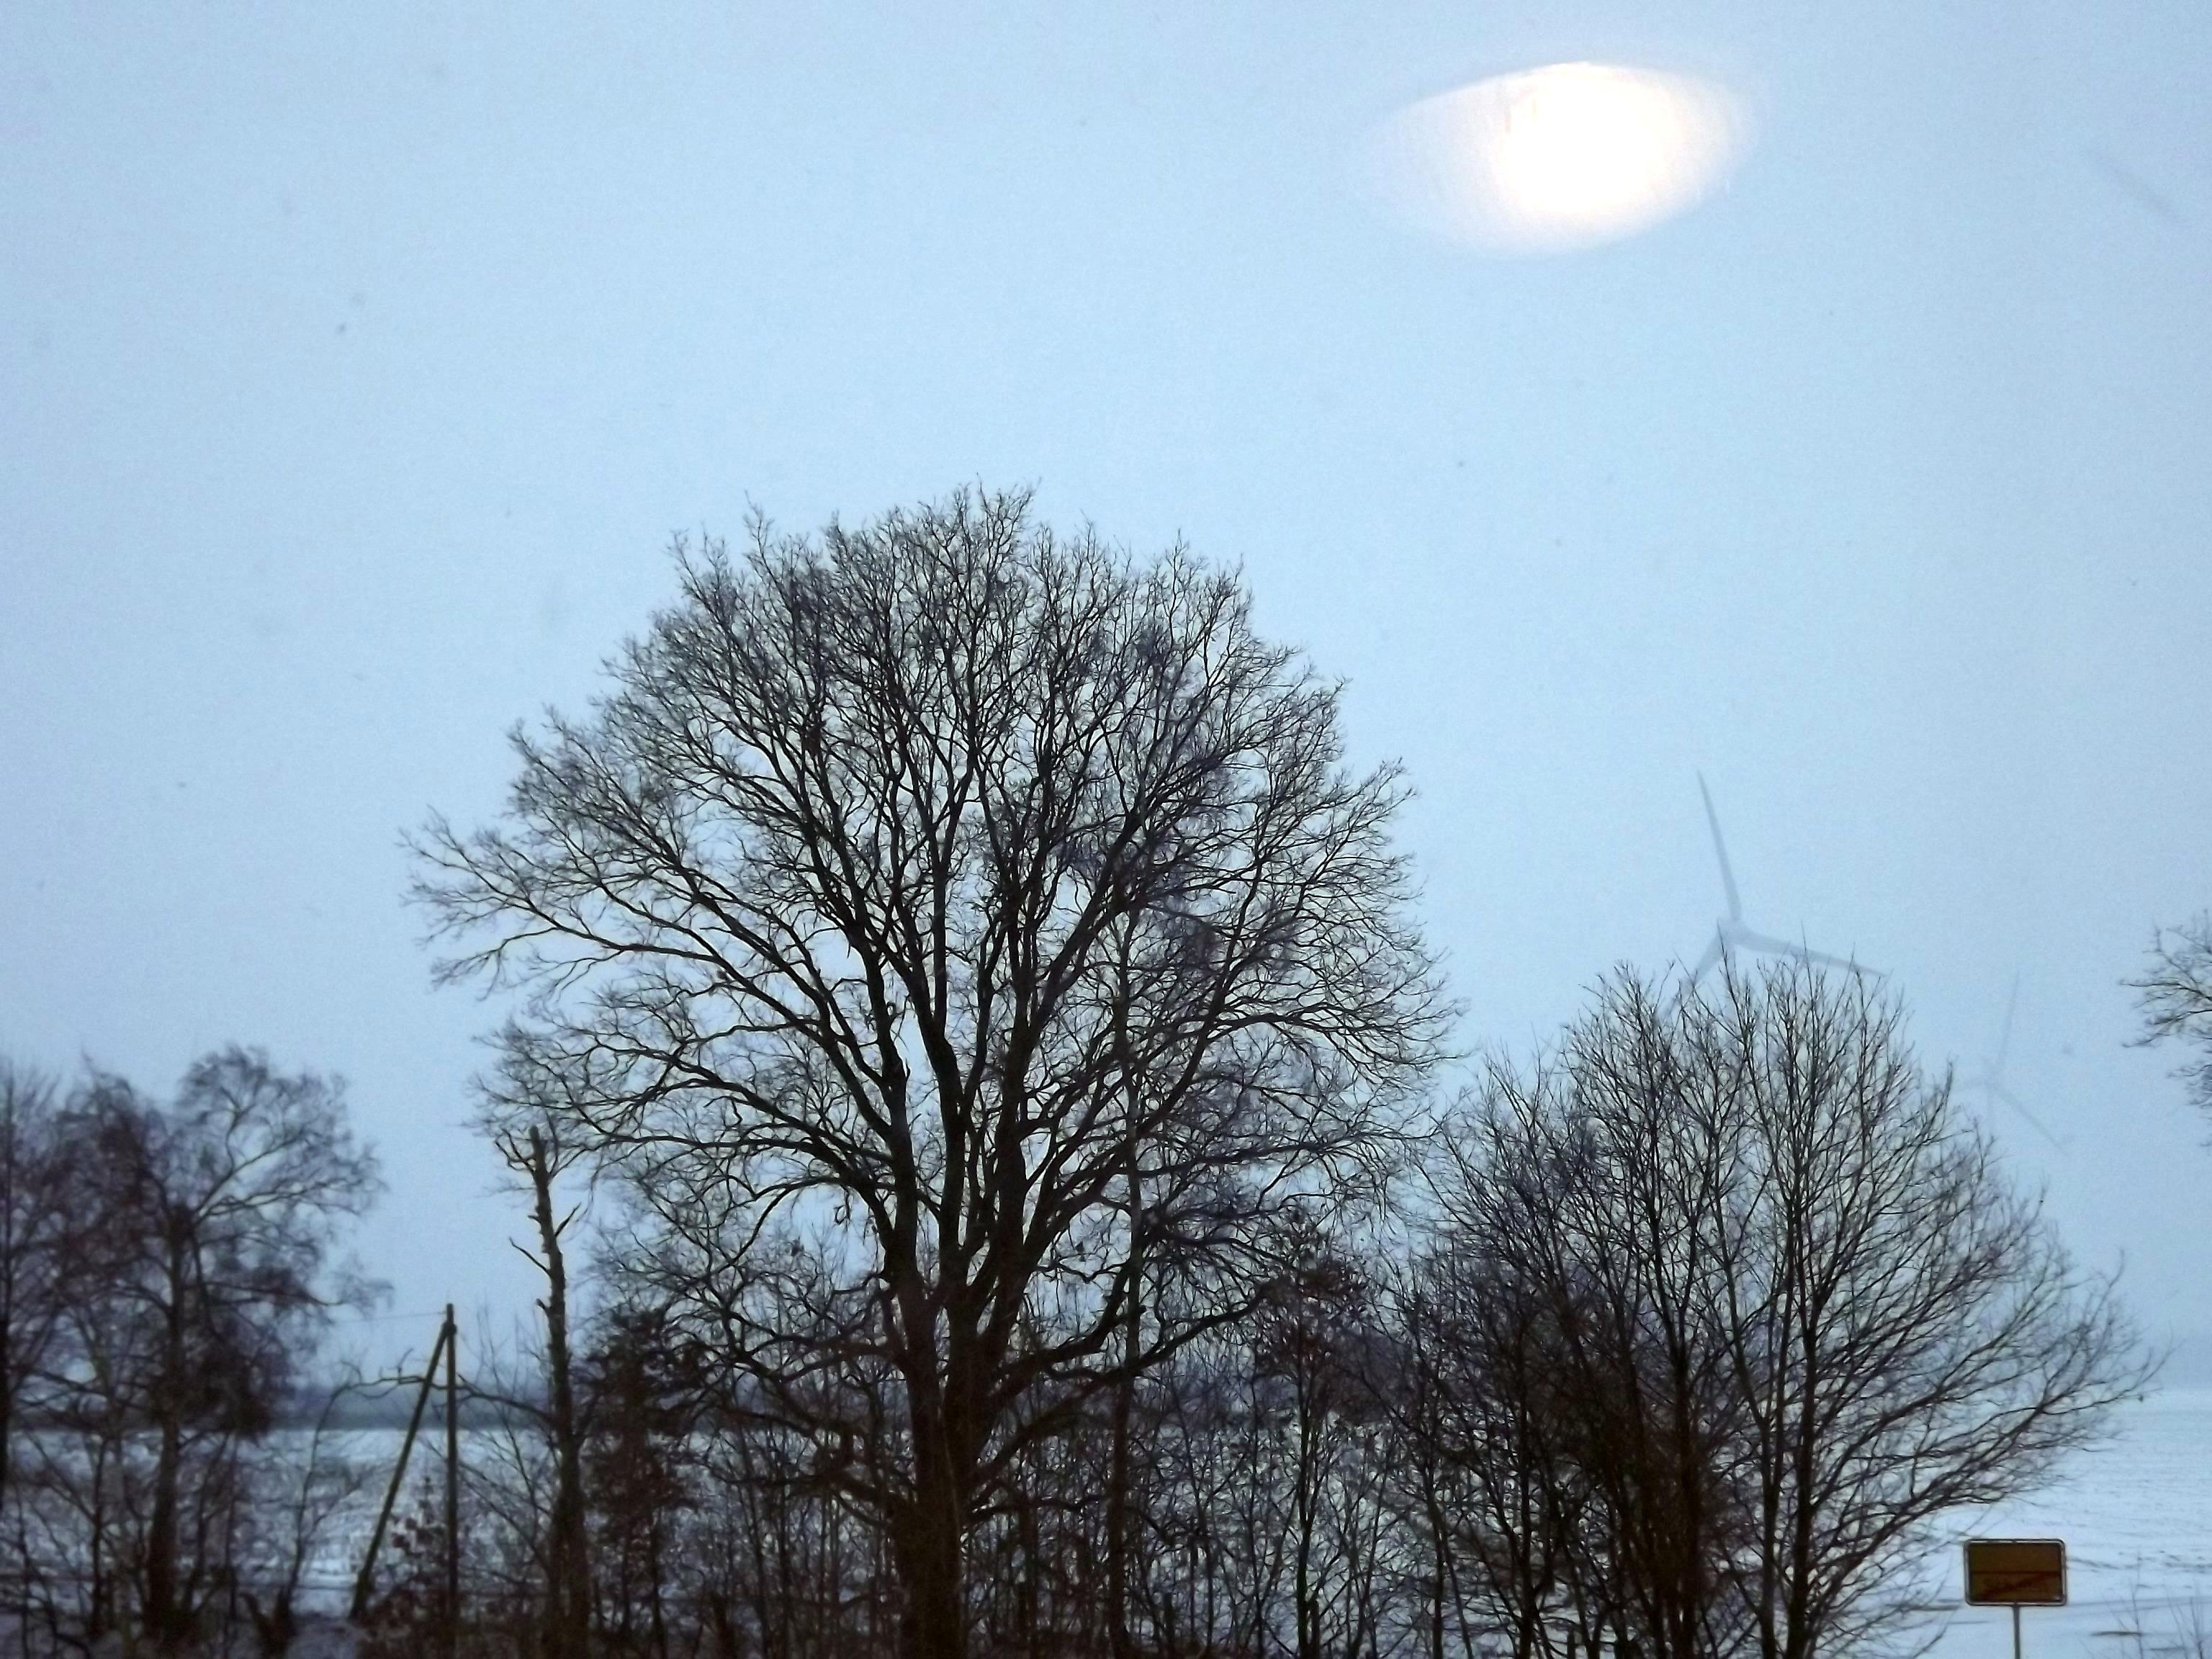 frostig-spiegelung-ufo-4604